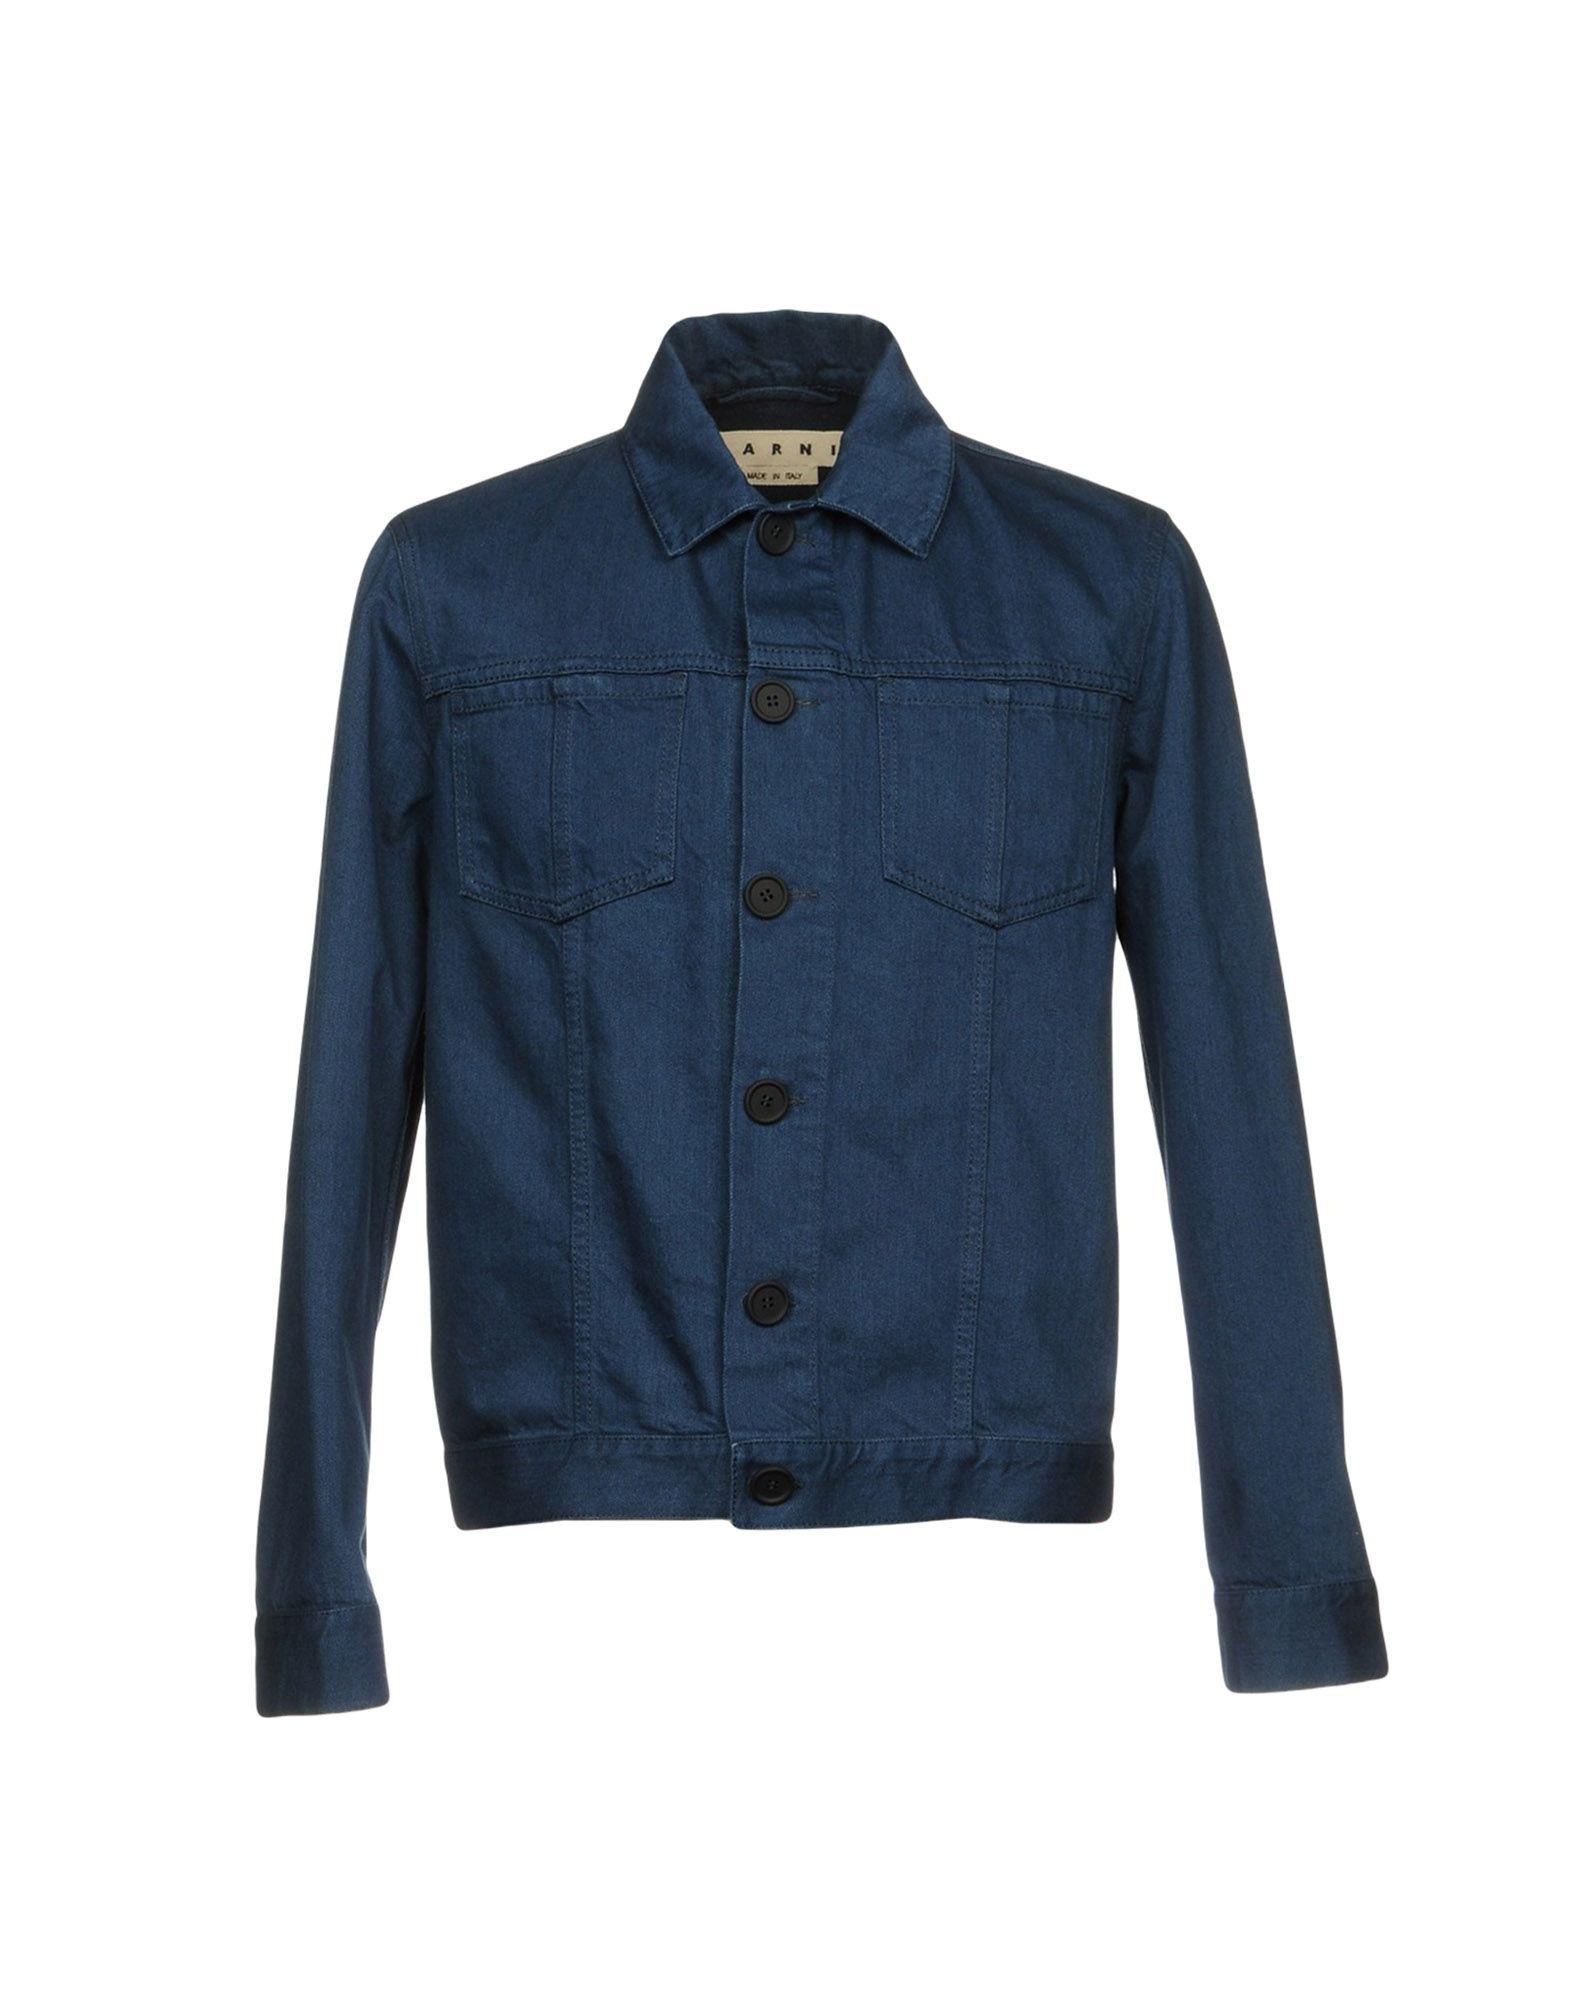 MARNI Джинсовая верхняя одежда colmar джинсовая верхняя одежда